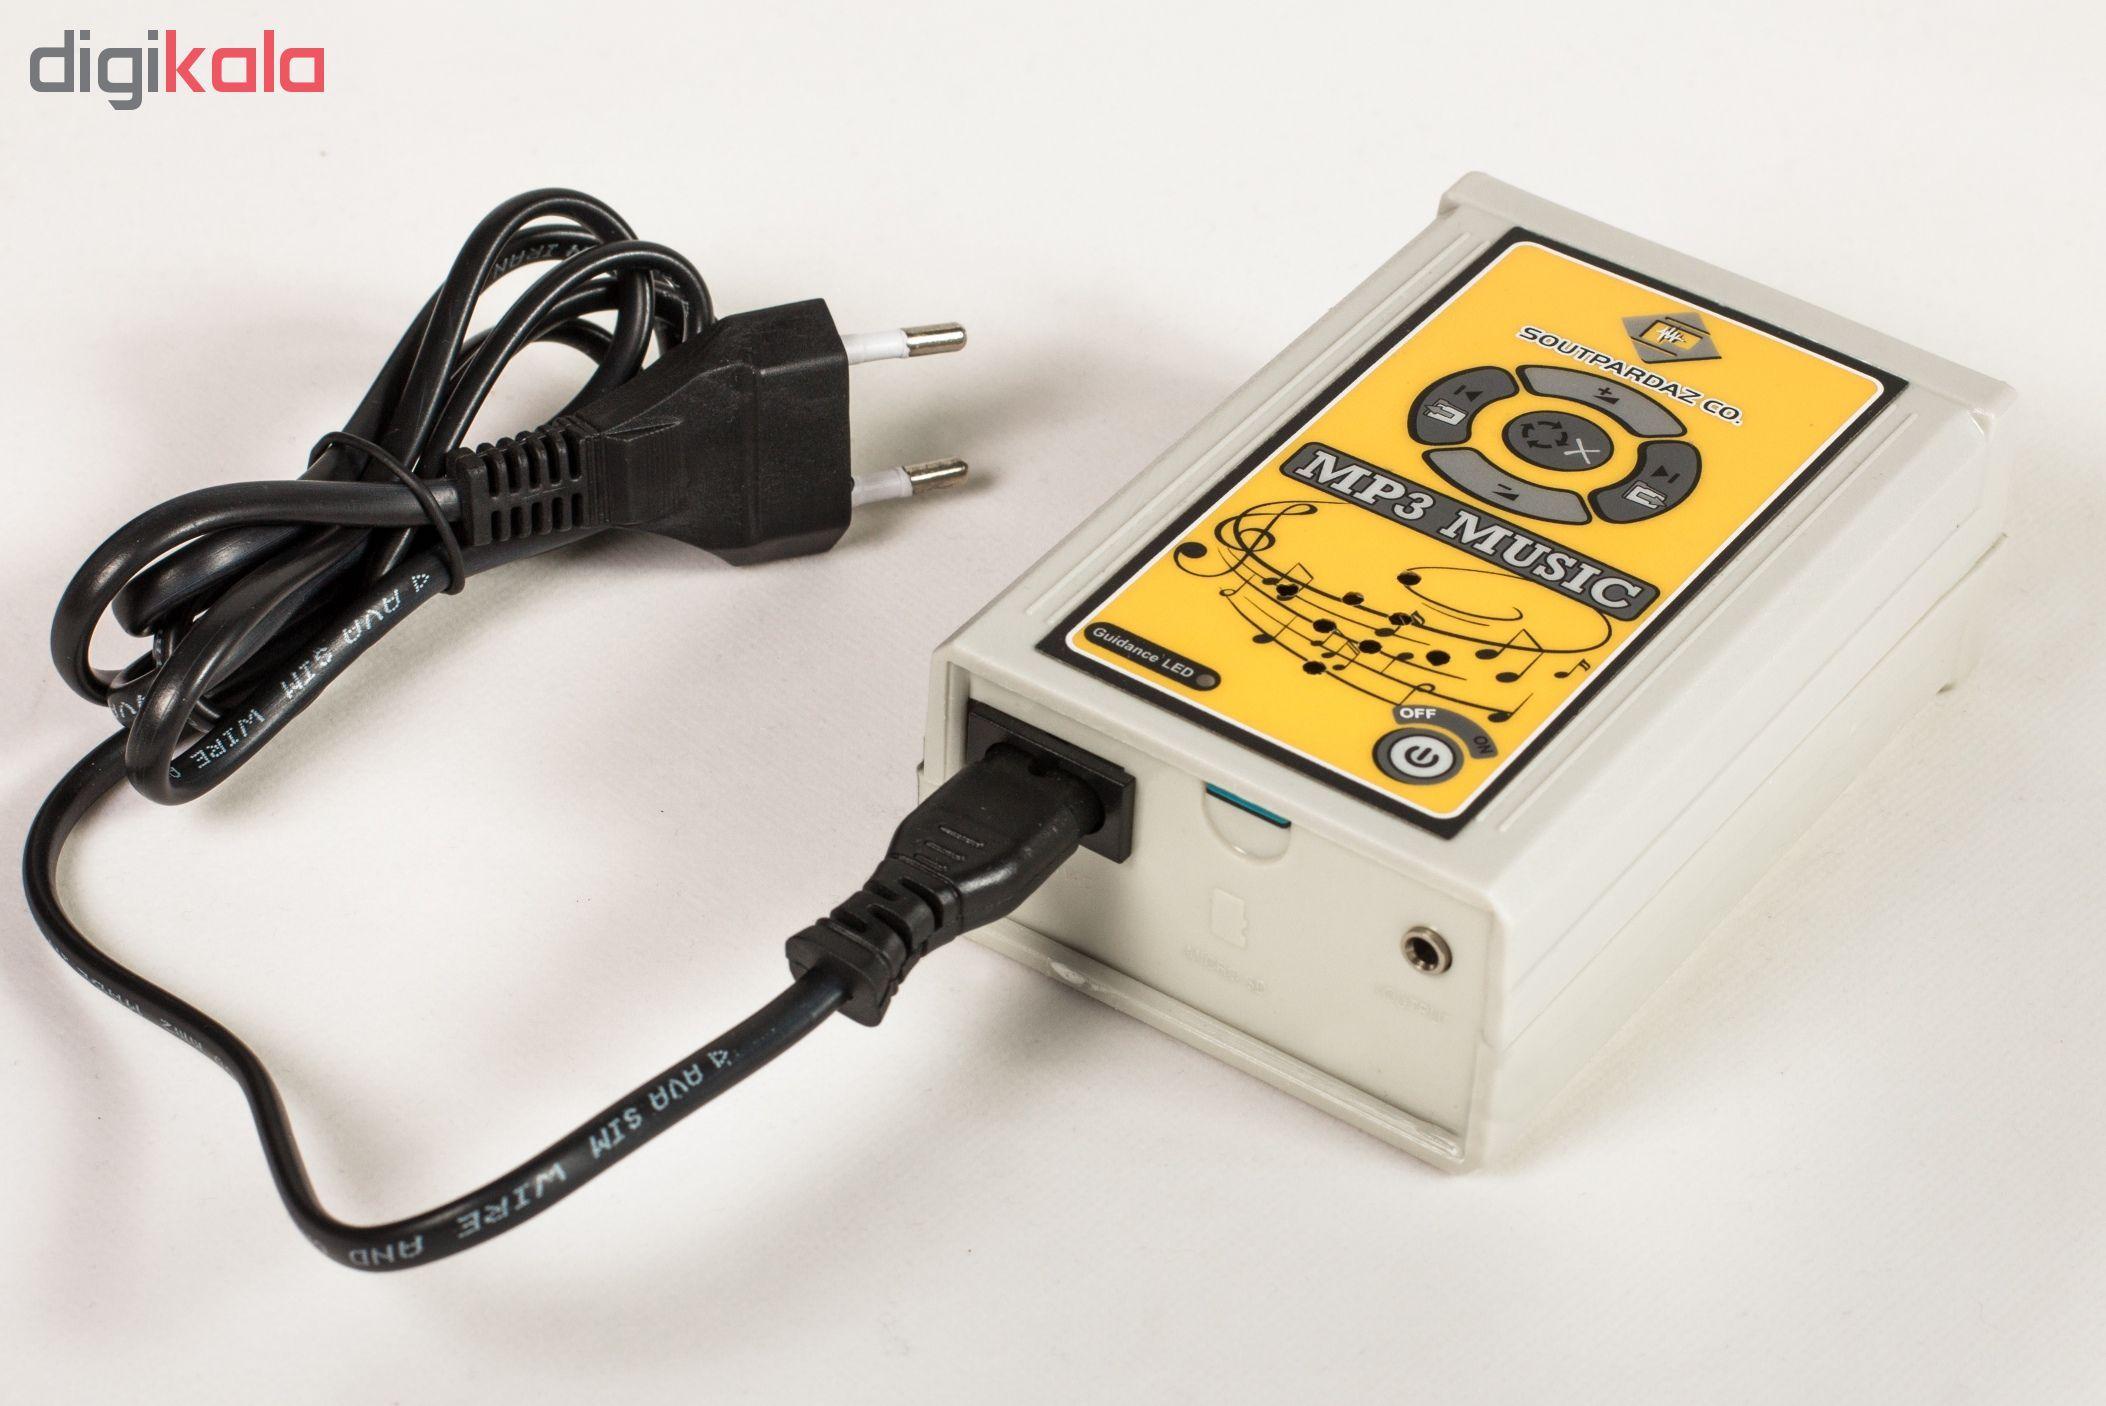 دستگاه پخش کننده موسیقی صوت پرداز مدل SP-MP3-LW main 1 1